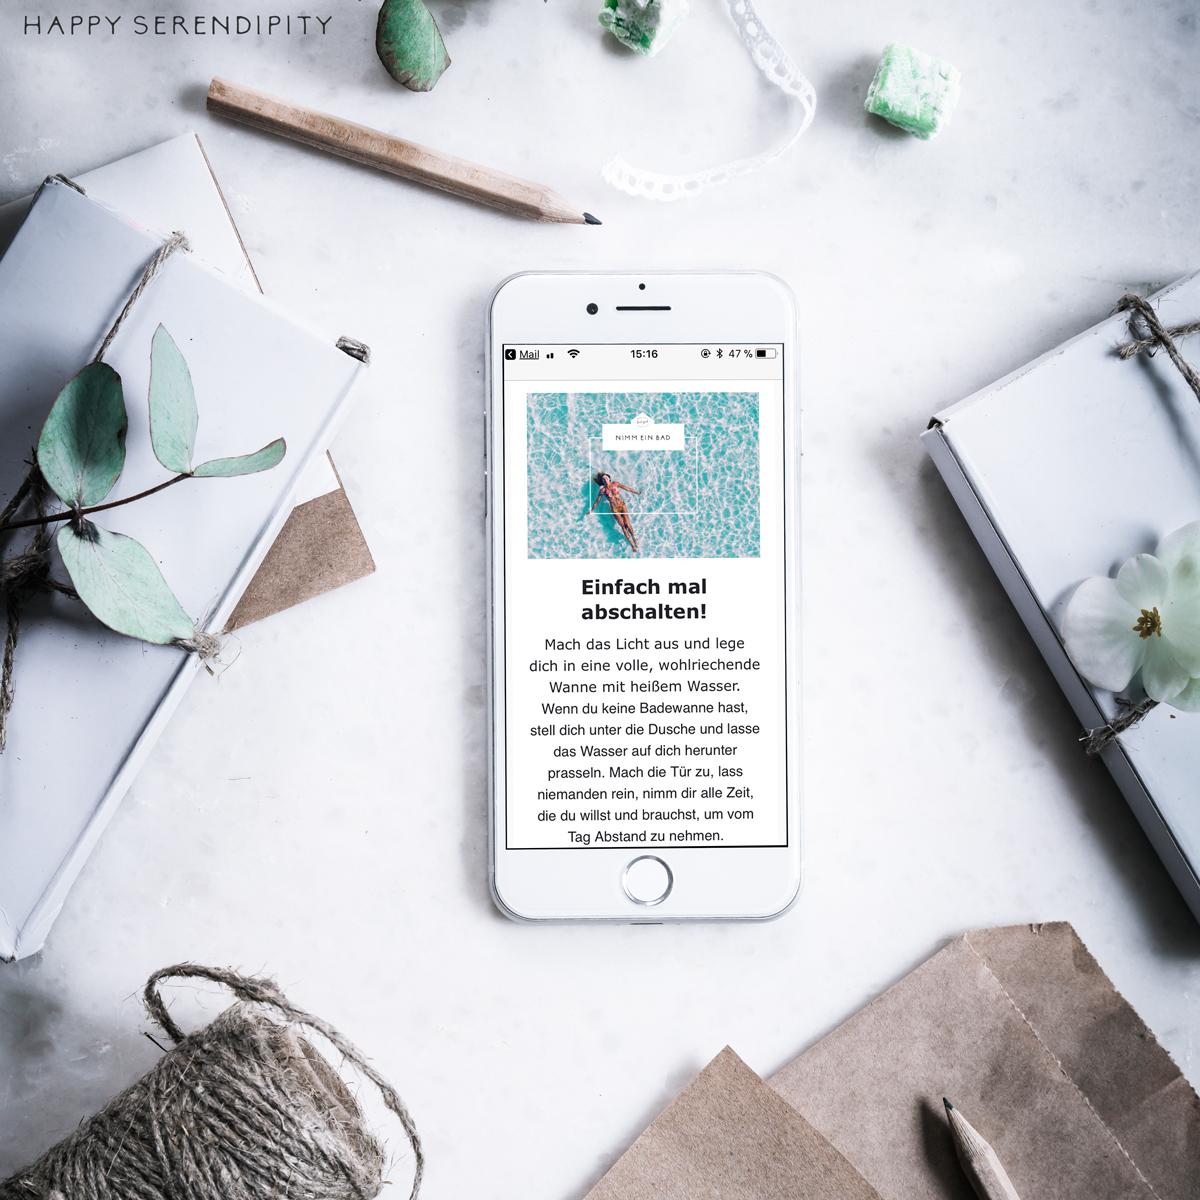 Project Feel Good - 30 Tage Wohlfühlen - erhalte jeden Tag eine inspirierende Email direkt in dein Postfach